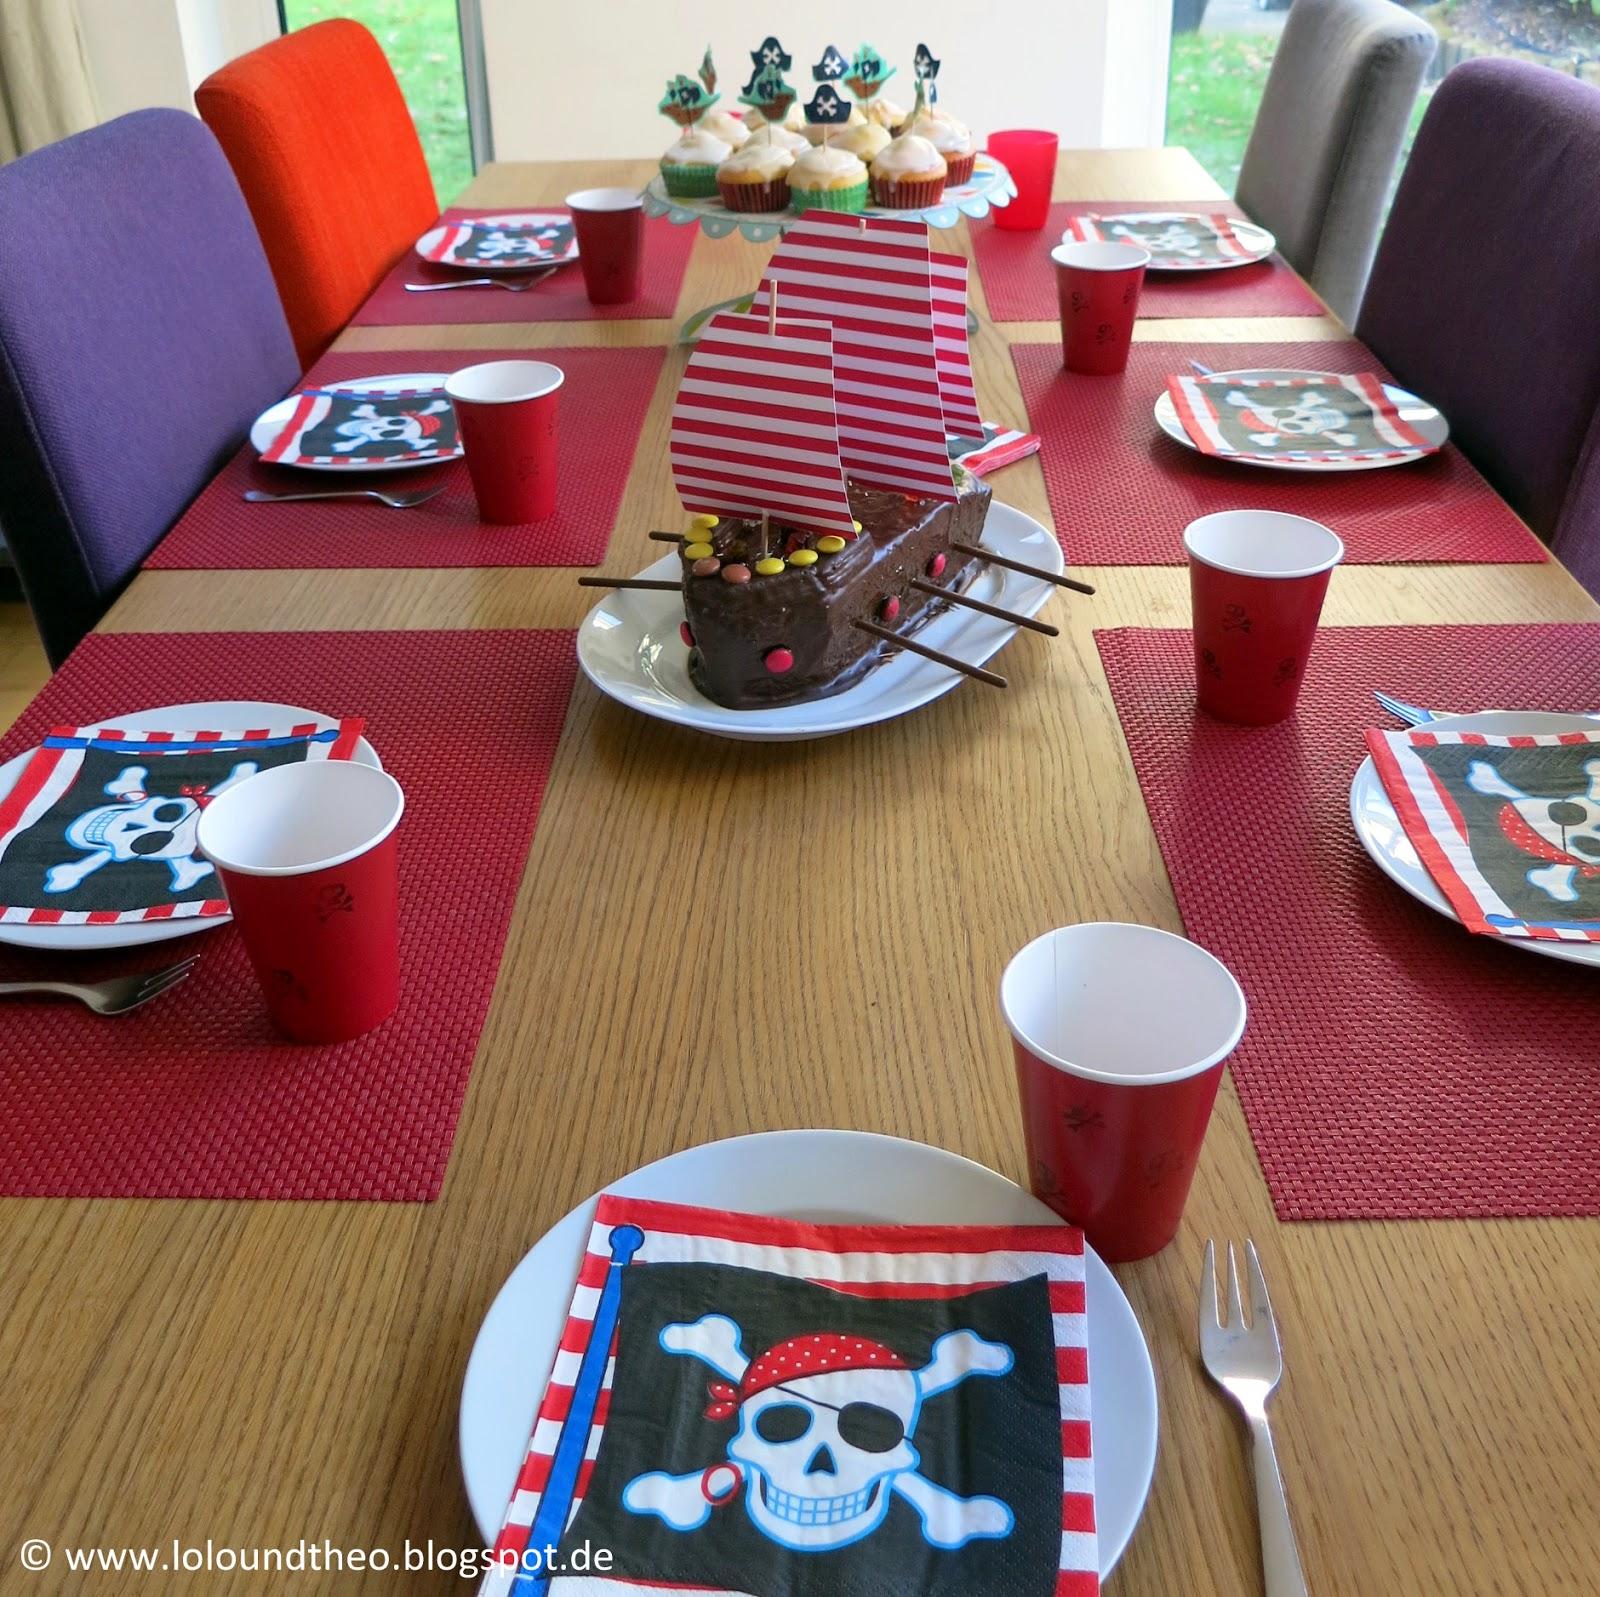 Lolo und Theo: Dreimal Kölle ahoi - Piraten ...